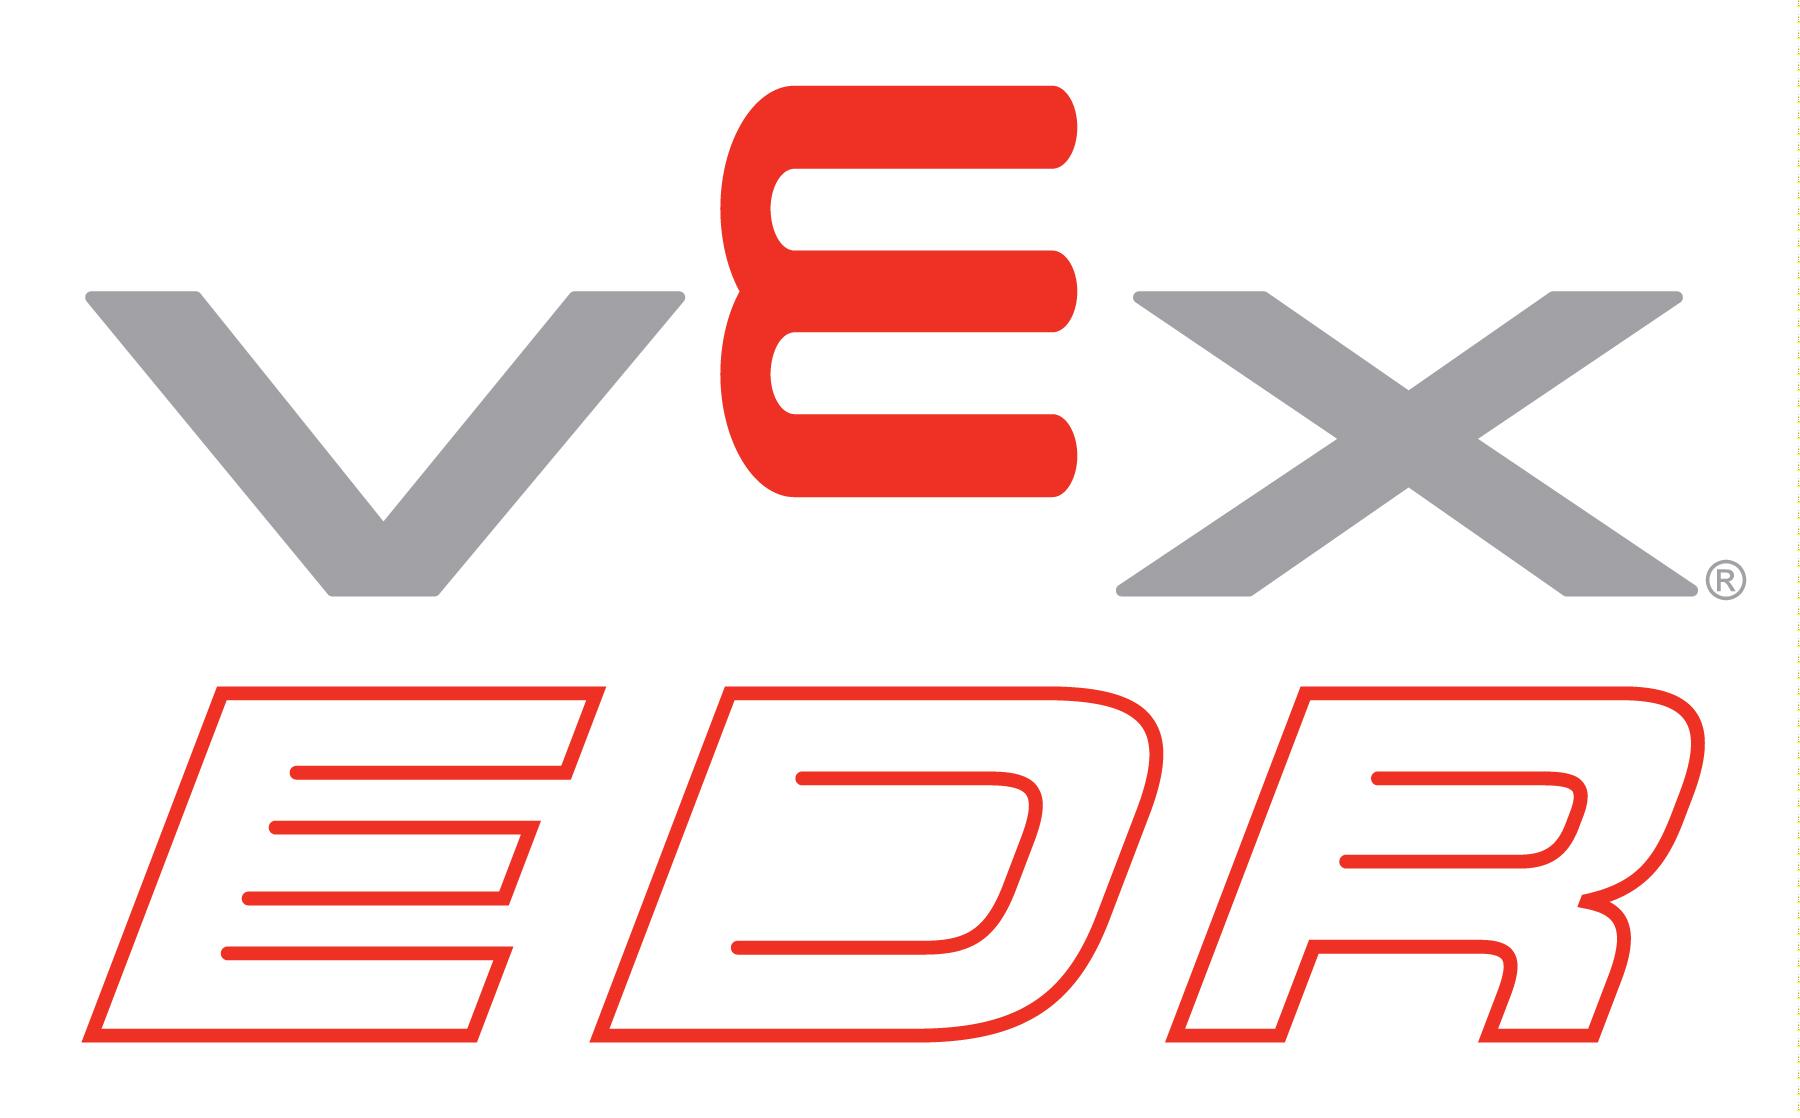 VEX_EDR_Solo